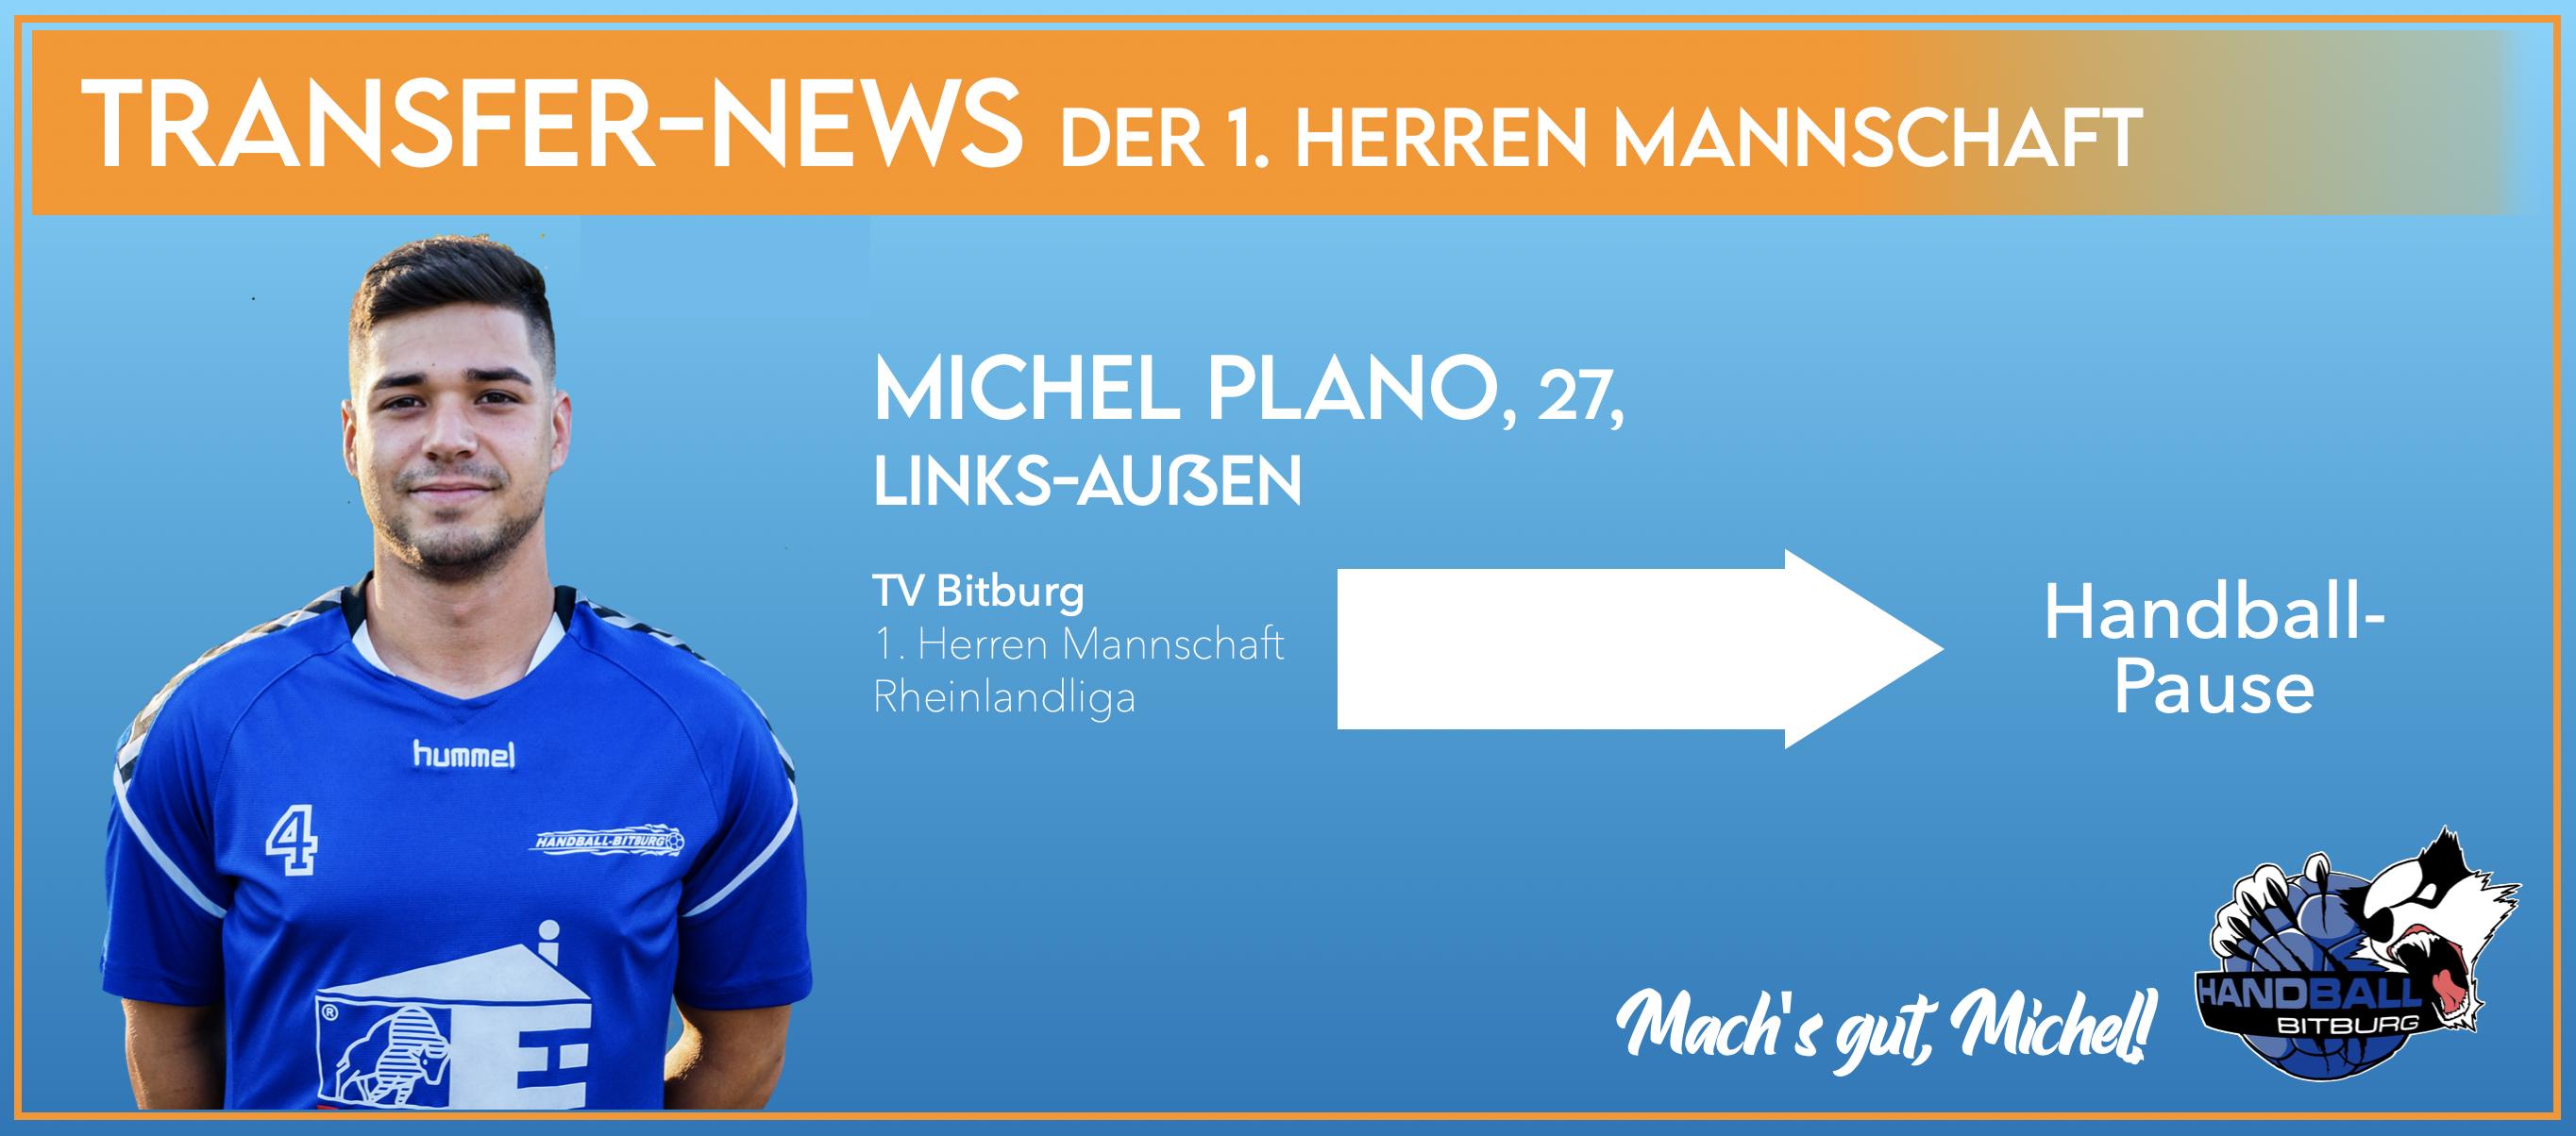 Michel Plano spielt nächste Saison doch nicht für die 1. Herren Mannschaft